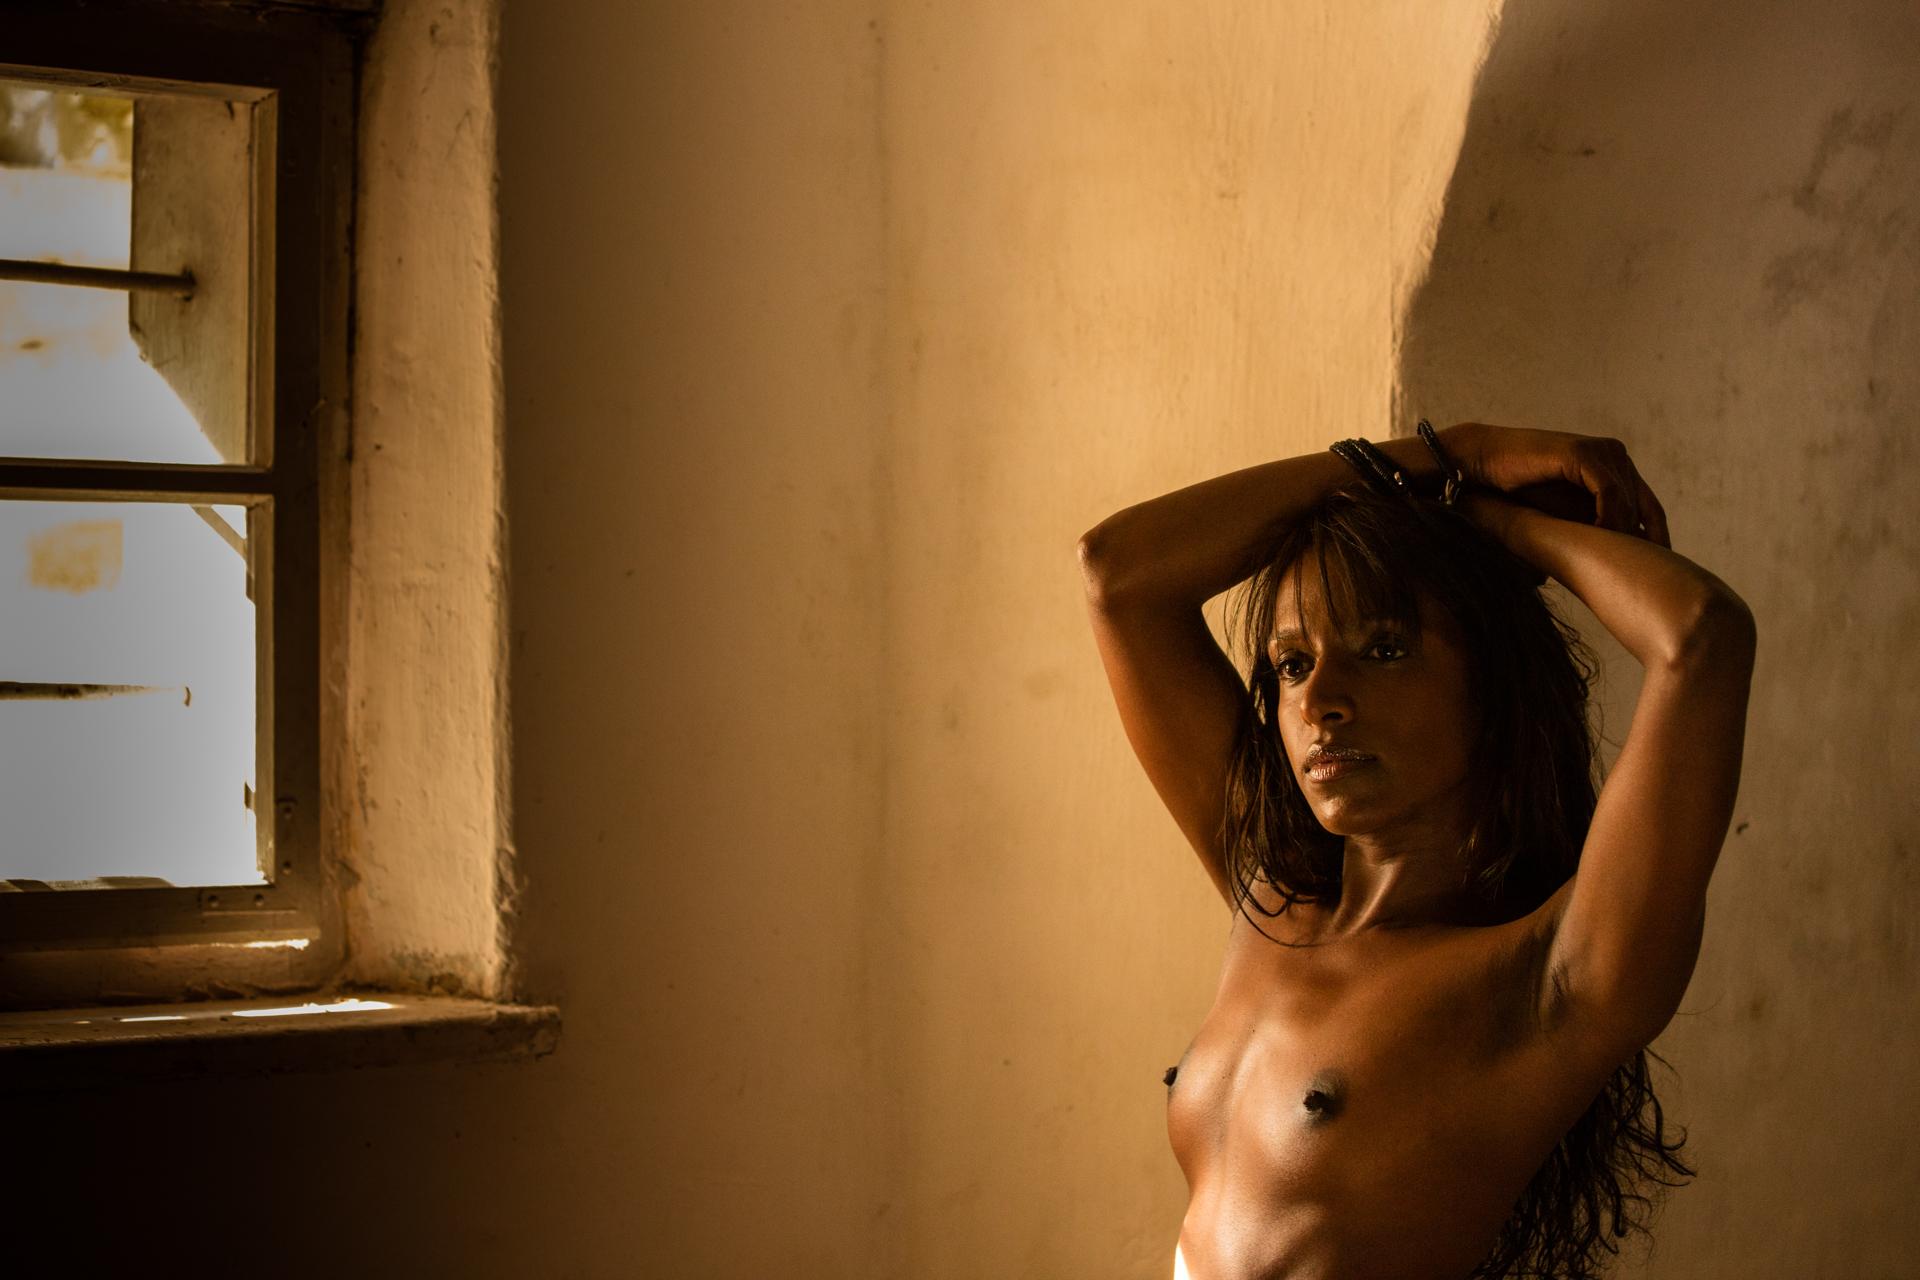 Nude photoshoot - COOPH_Greg_Gorman_002